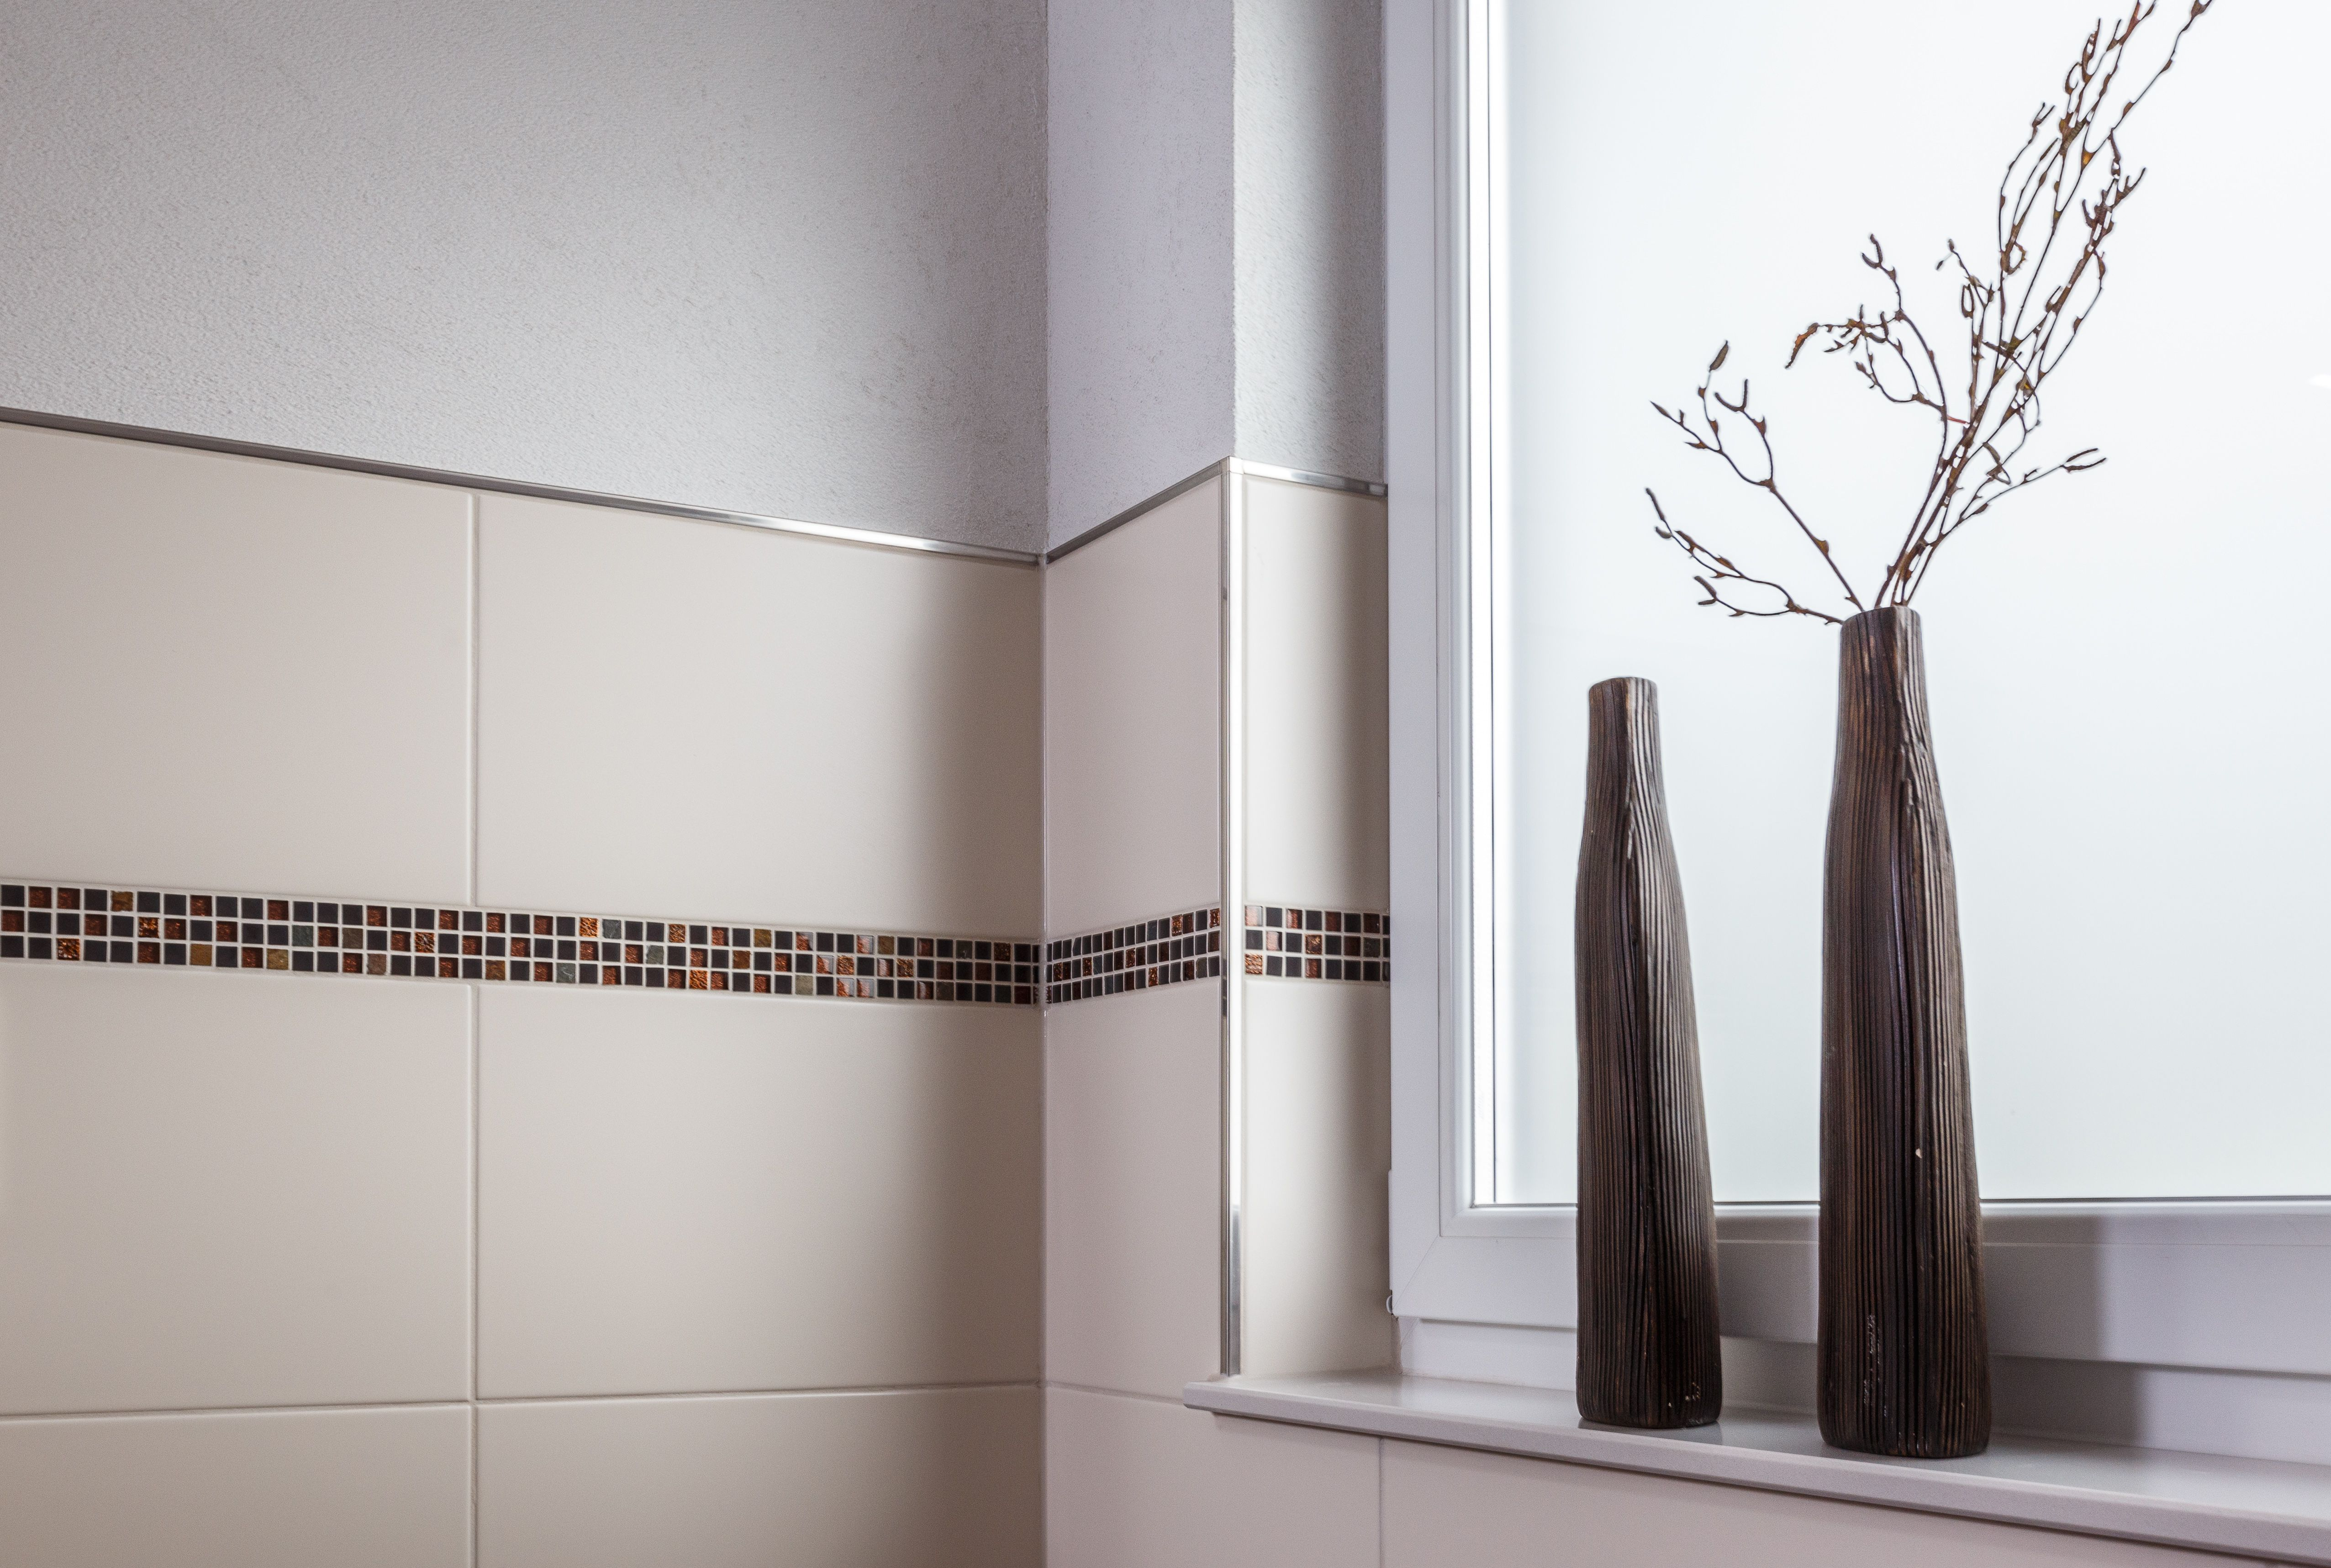 Pin Von Vatter Gmbh Auf Bv Morlautern Holzboden Holz Fliesen